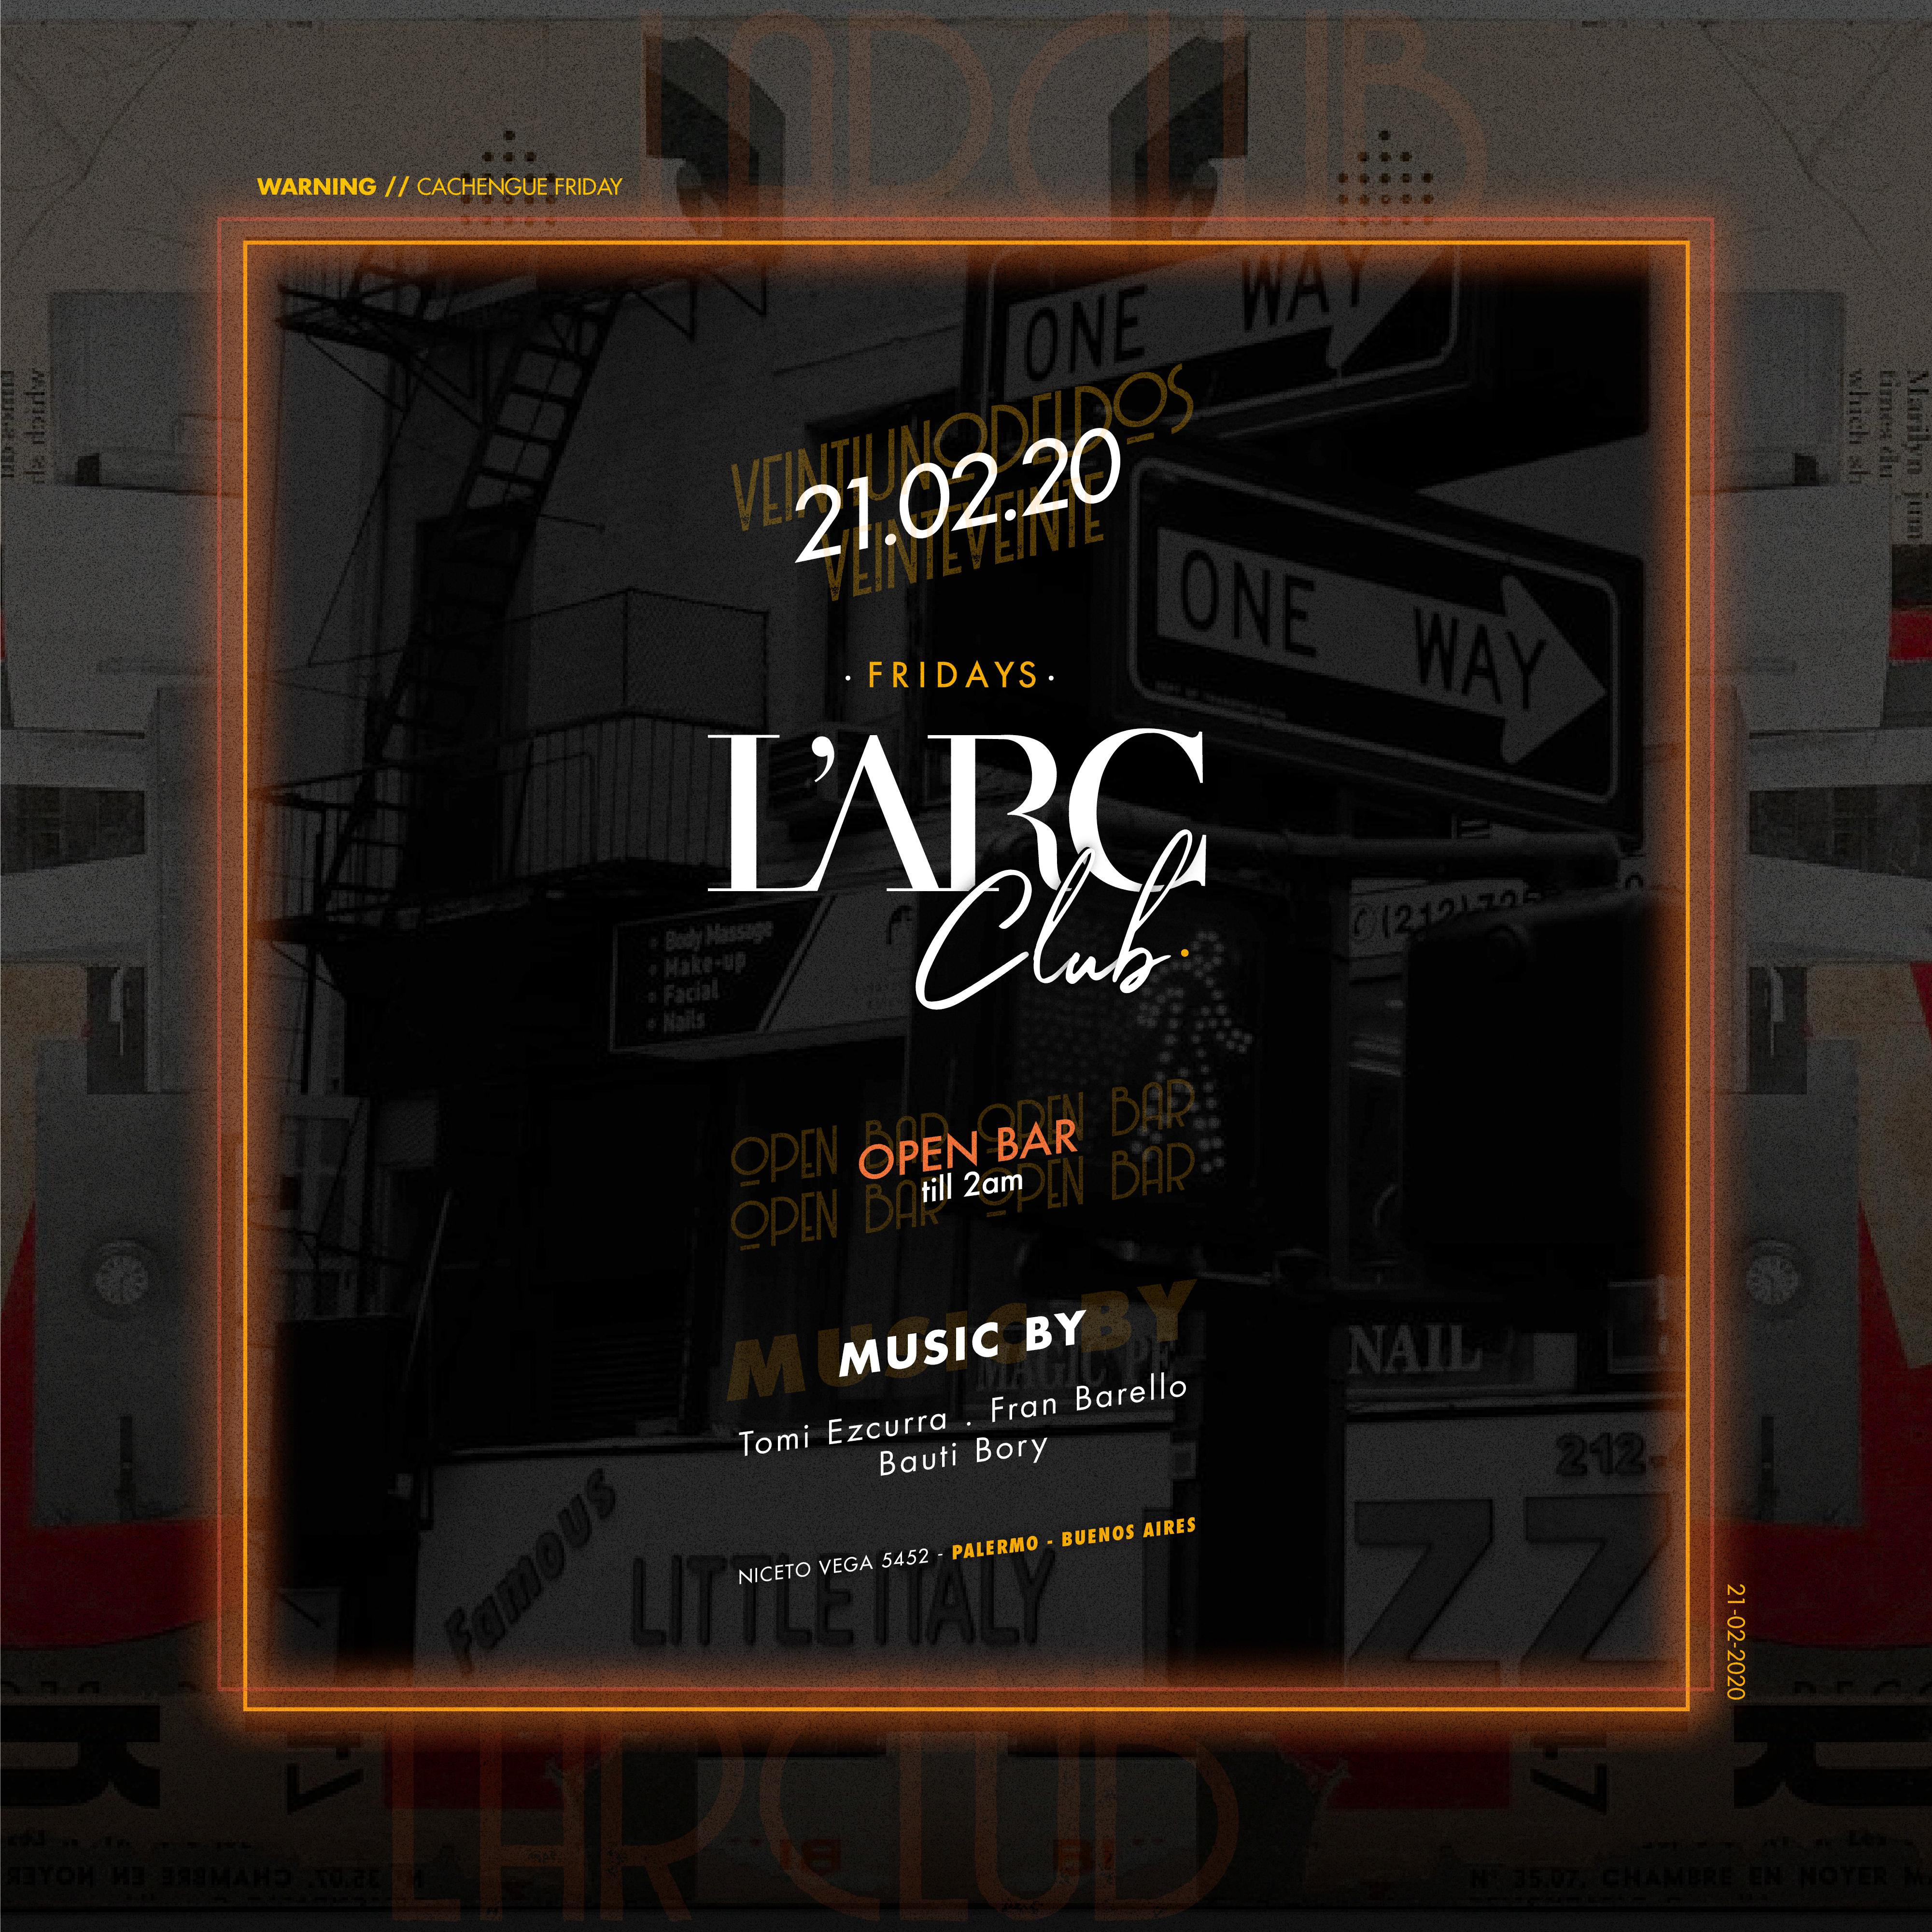 L'arc Club Viernes - 21.02